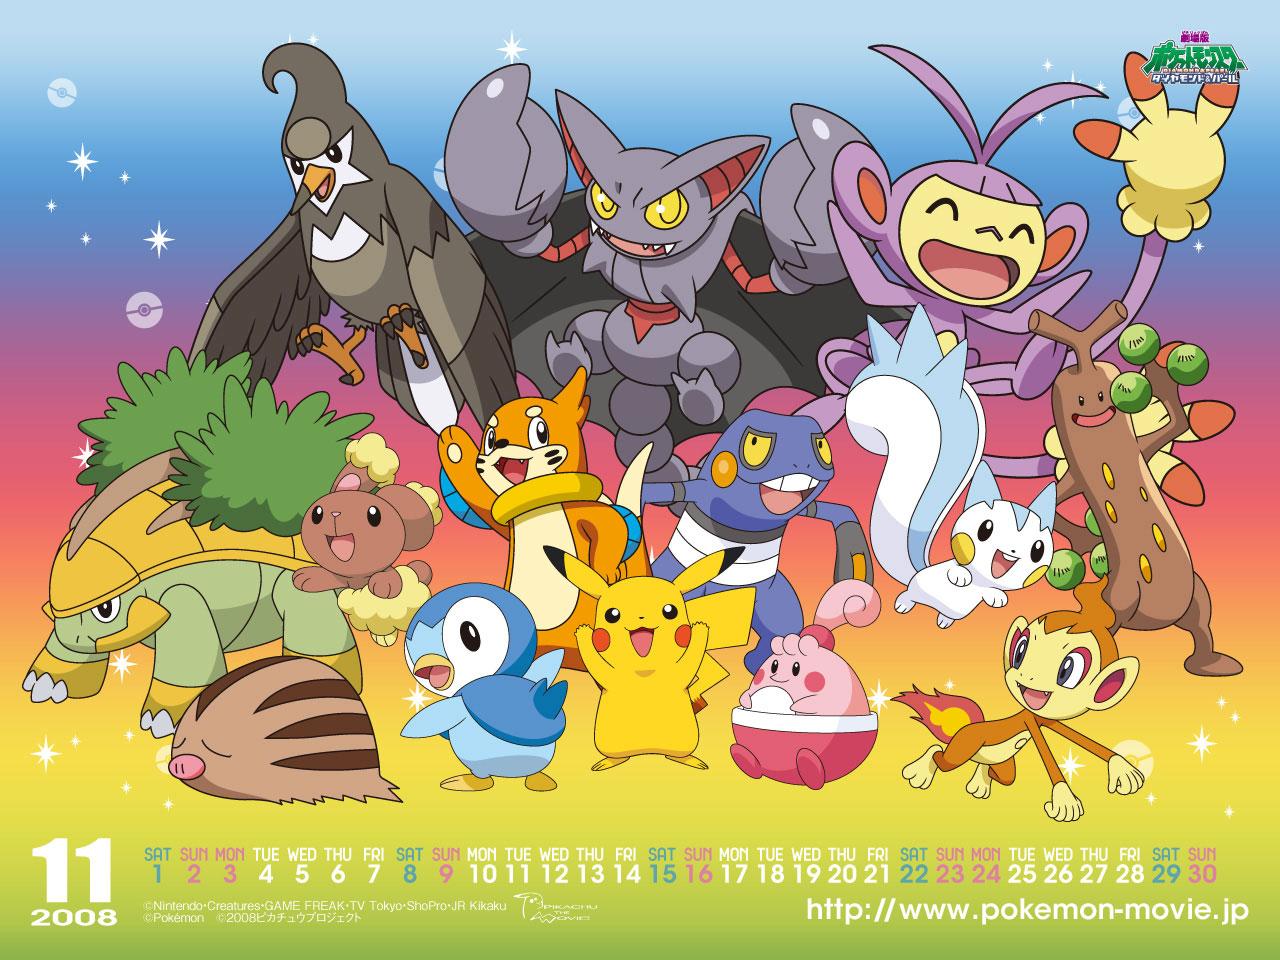 http://2.bp.blogspot.com/-Isv8T_ck92g/TVfTtBMgPuI/AAAAAAAAAv0/evFBe0RJ-rs/s1600/PokemonWallpaper348.jpg